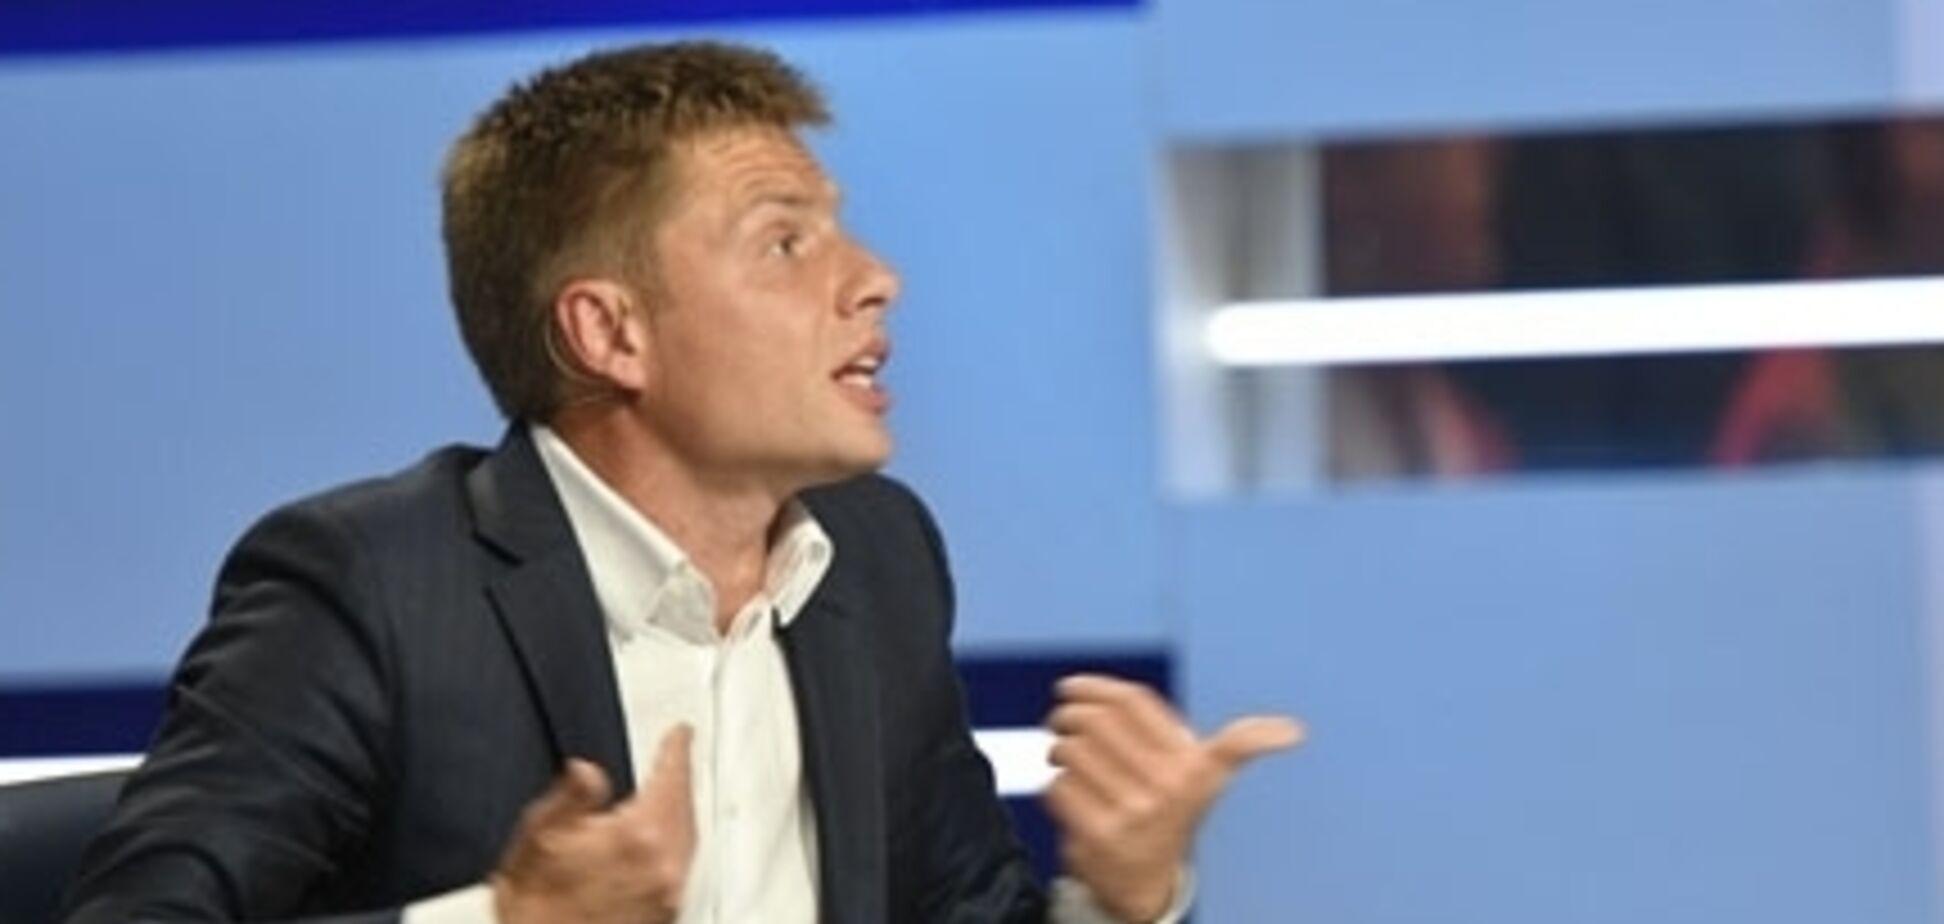 Гончаренко заявив, що українців 'посадили на електричний стілець'